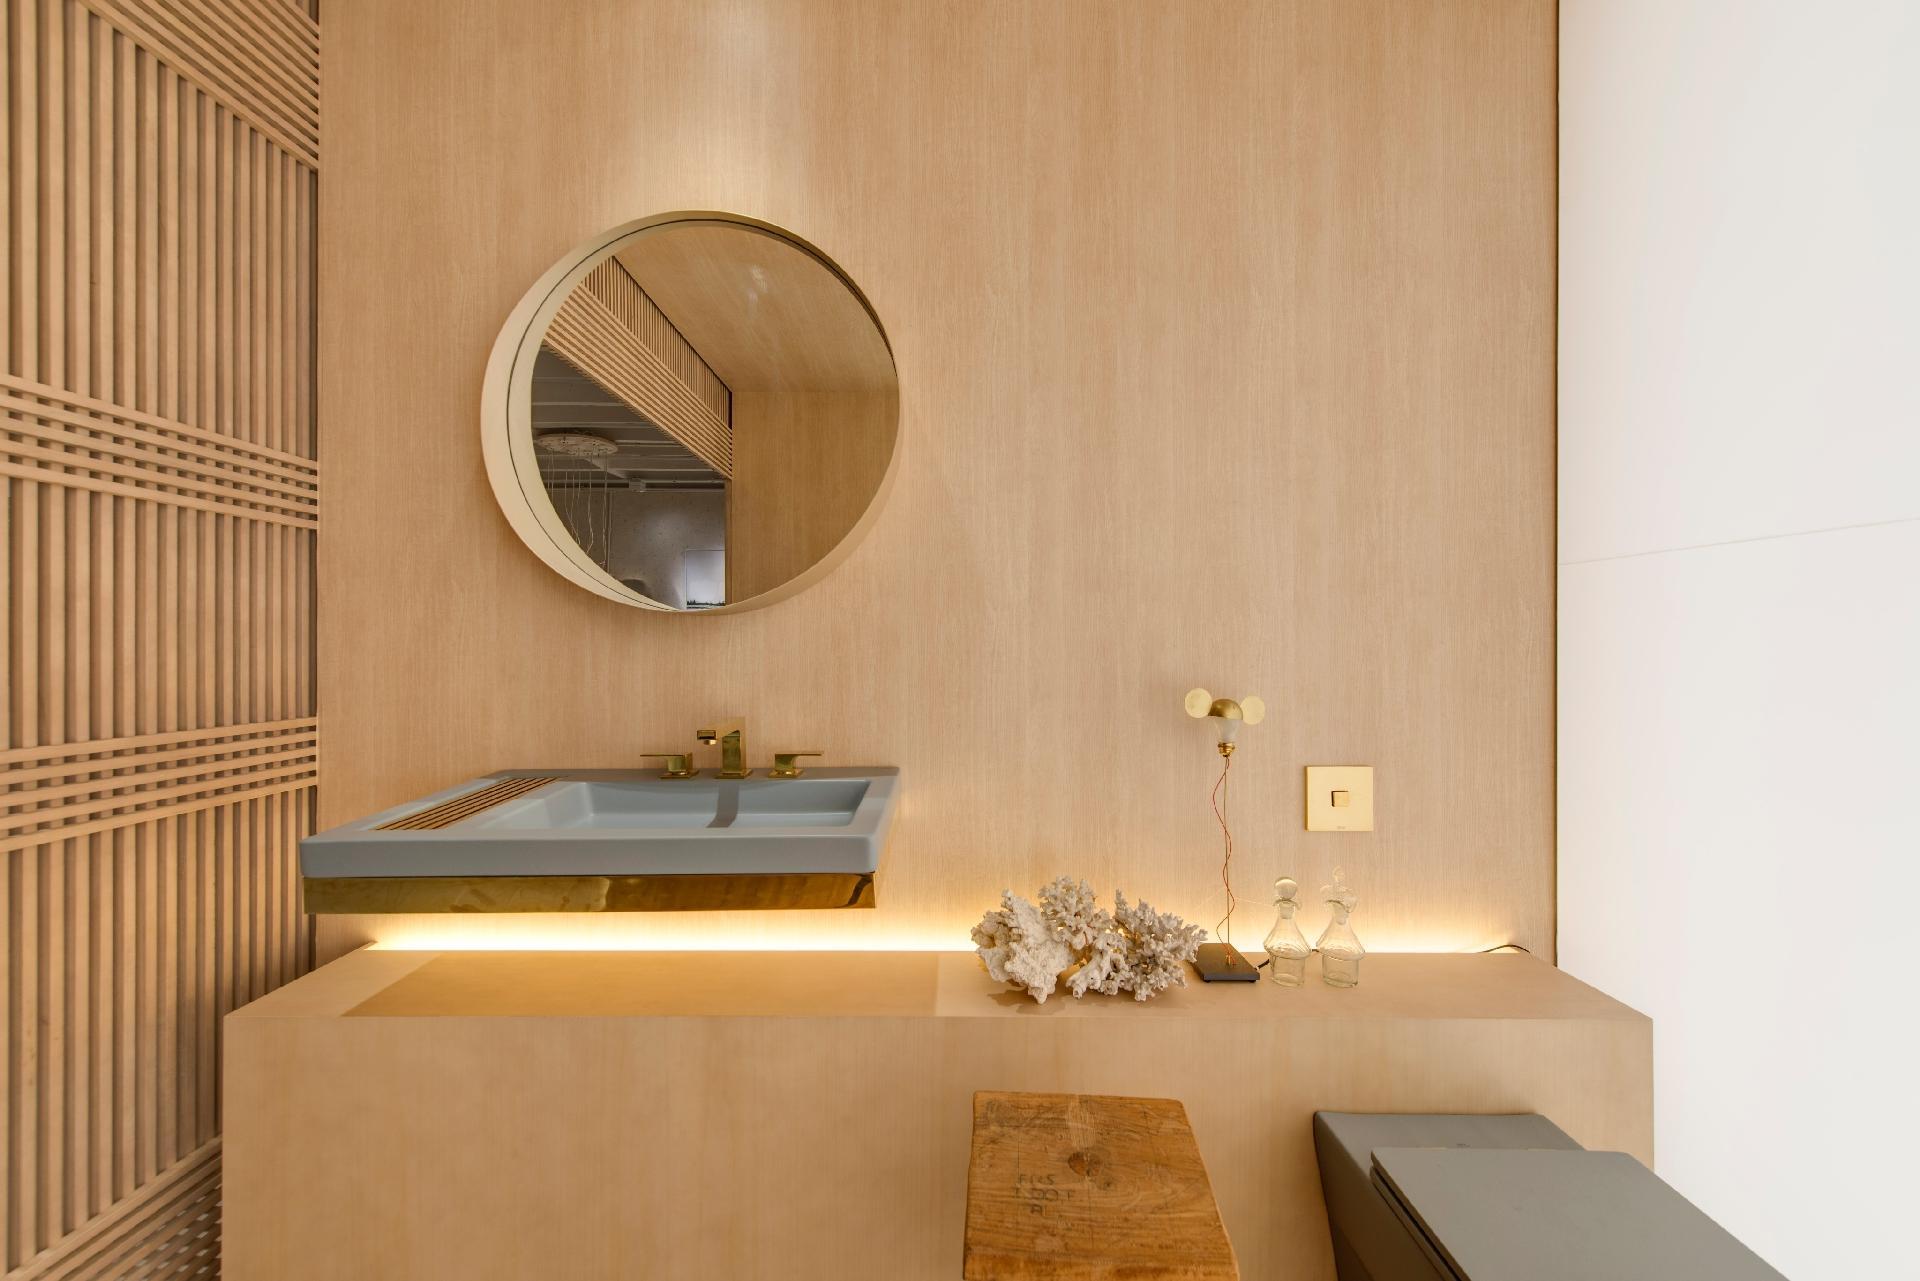 A estrutura divisória (à esq.) do banheiro do apê Shoji 04, assinado pelo escritório Yamagata, é treliçada e feita em madeira clara. O espelho circular cria um contraponto com o lavatório fino de encaixe, decorado com metais dourados. Sobre a bancada cimentícia, objetos de decoração, como a luminária 'The I Ricchi Poveri - Toto', desenhada por Ingo Maurer